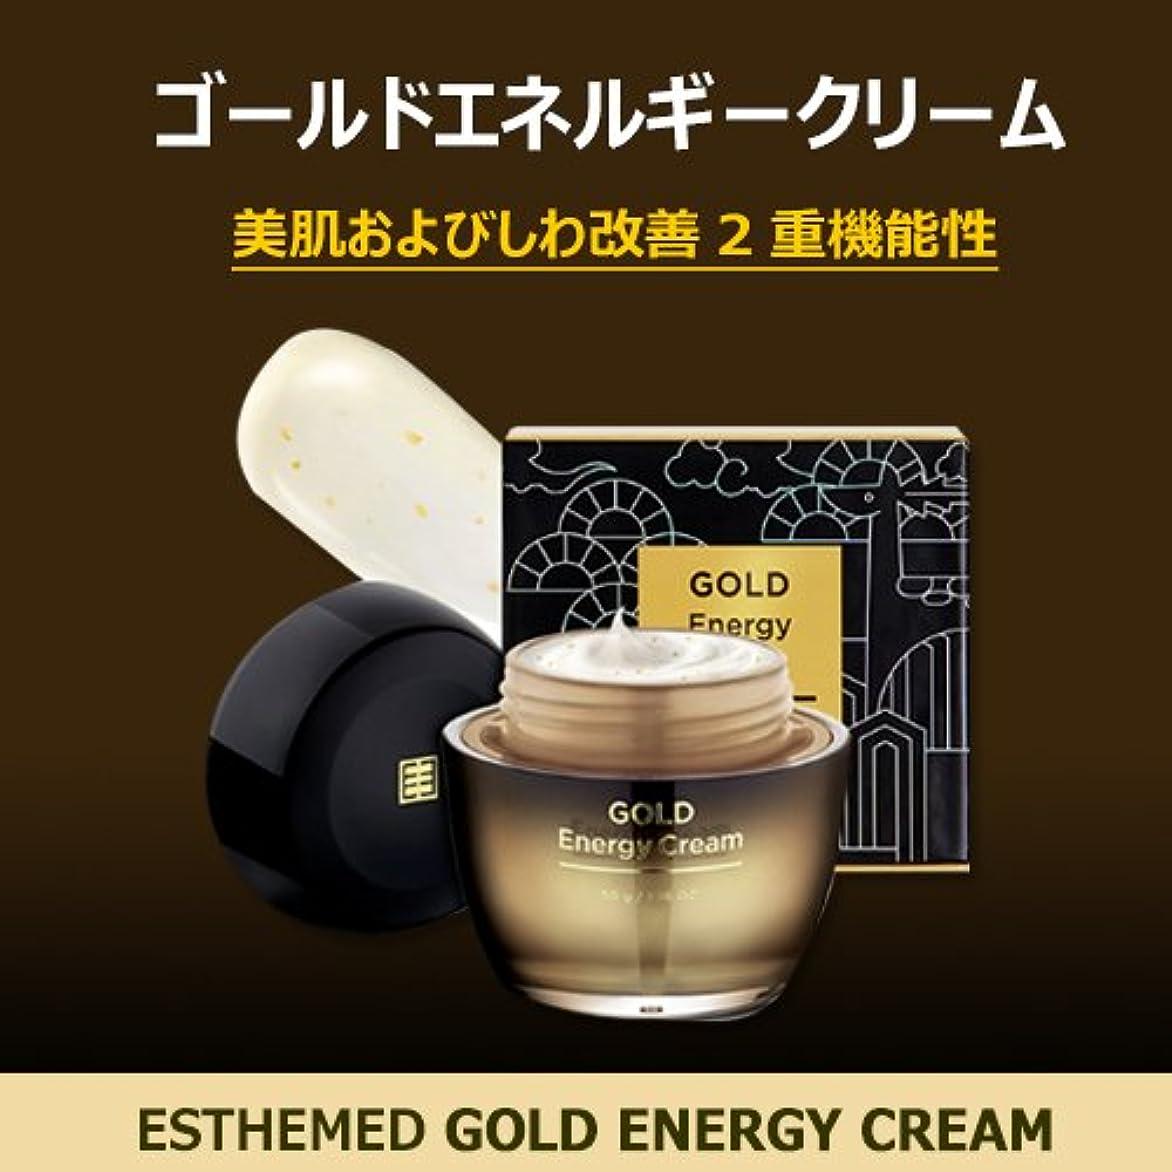 大腿暗い先住民ESTHEMED 【NEW!! エステメドゴールドエネルギークリーム】ESTHEMED GOLD Energy Cream 50g